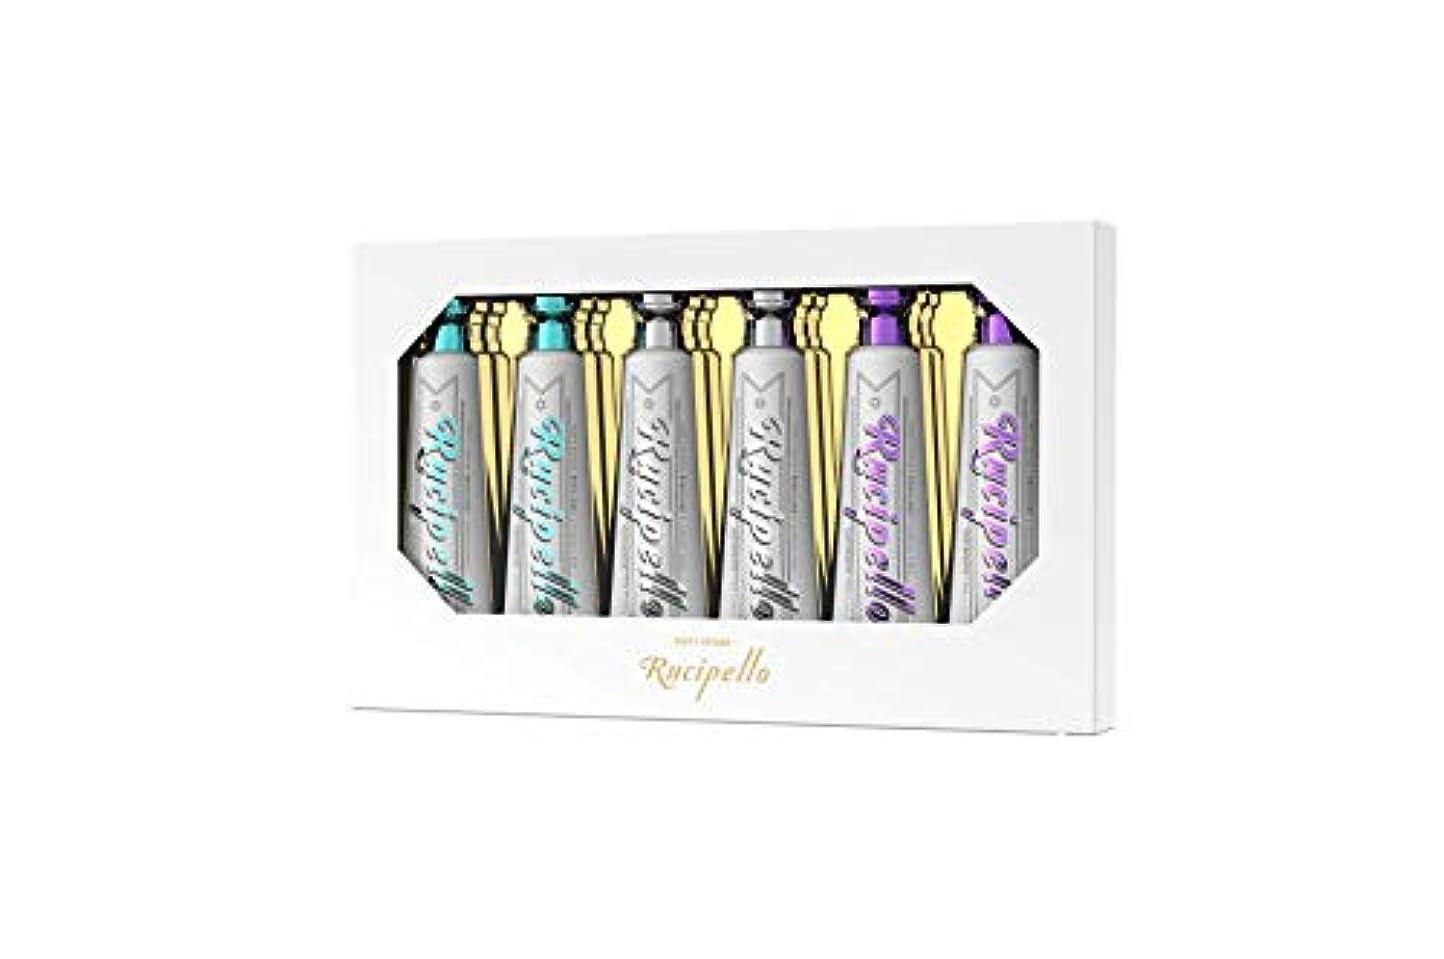 ハイランド天才可決[ルチペッロ] Rucipello ミニ歯磨き粉6個のプレゼントセット 25g x 6本 (海外直送品)